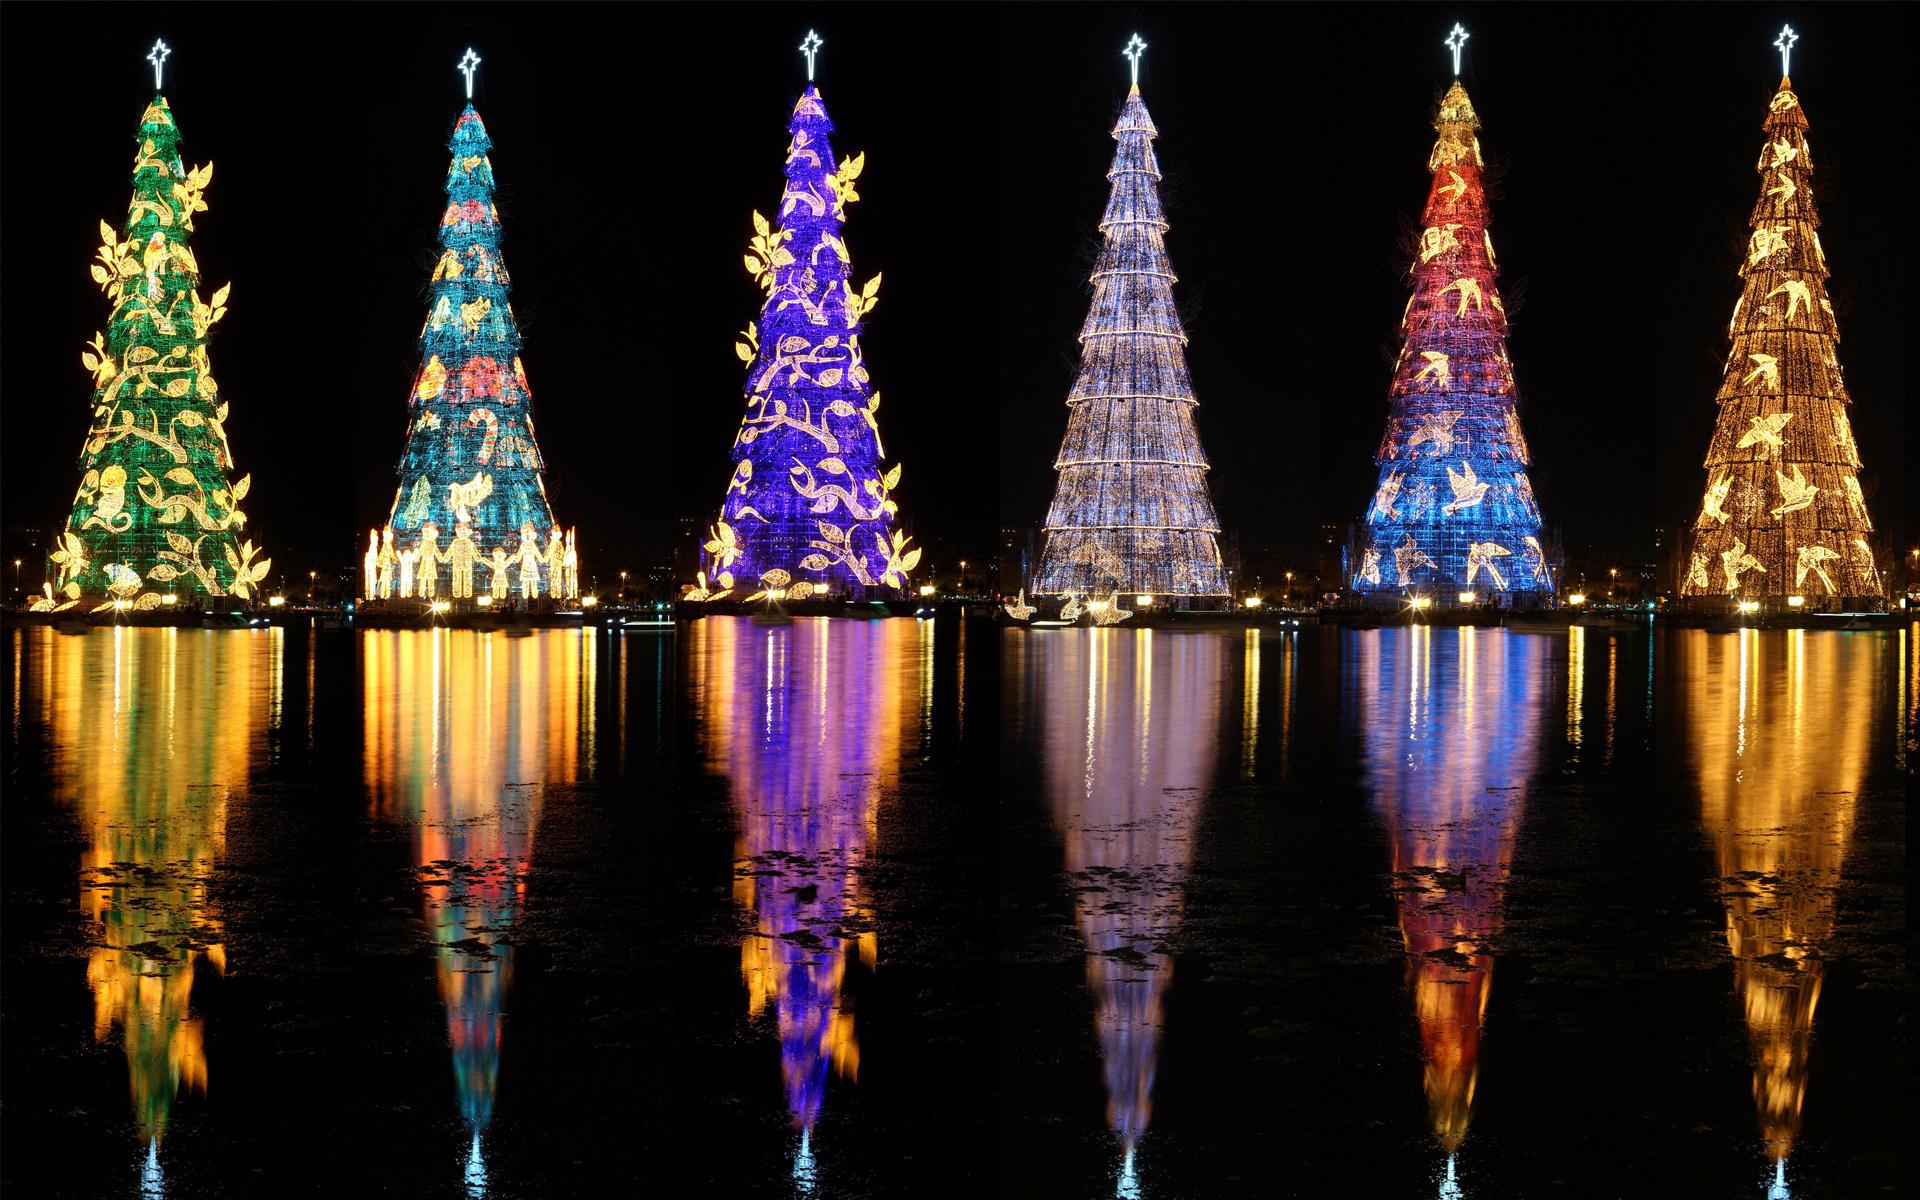 картинки самые красивые елки на новый год больше пикселей